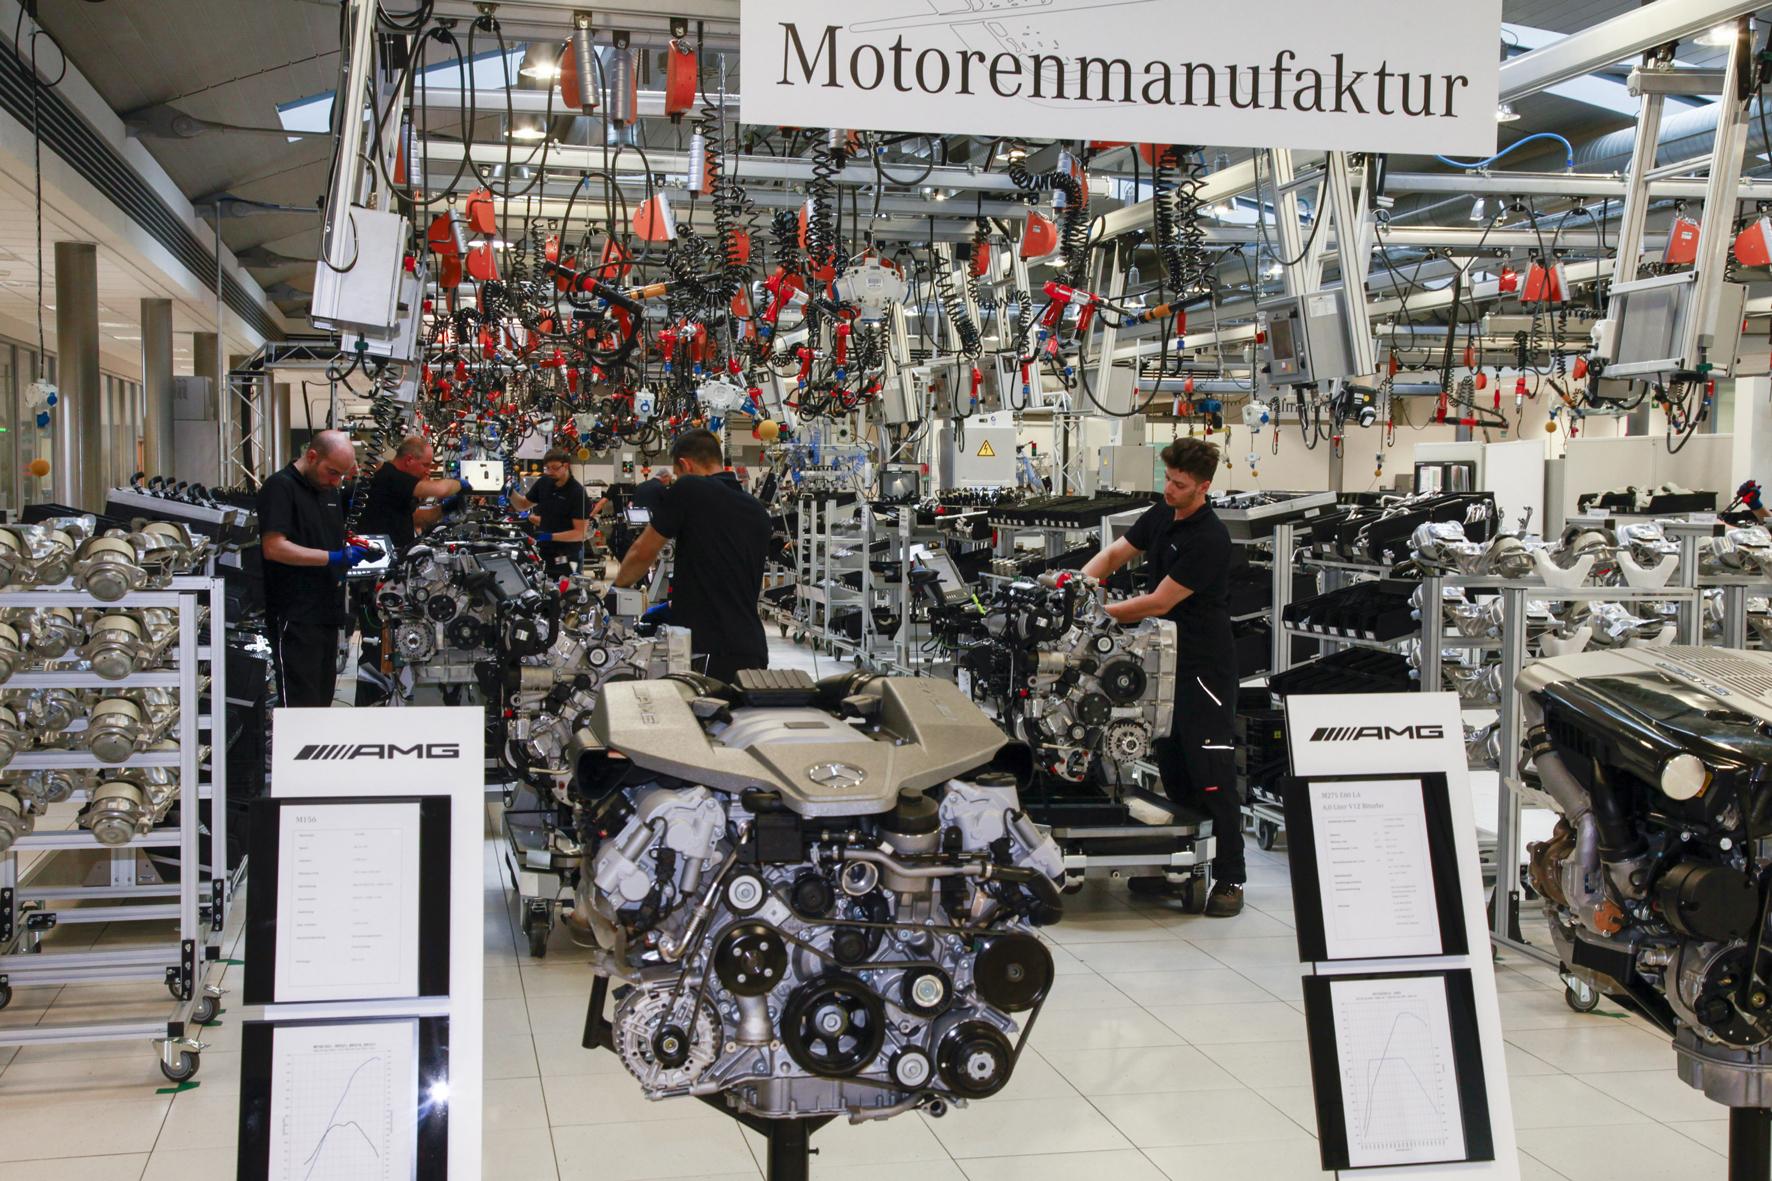 mid Düsseldorf - Die Zwölfzylinder-Motoren von AMG fertigt Daimler in Zukunft am Standort Mannheim.